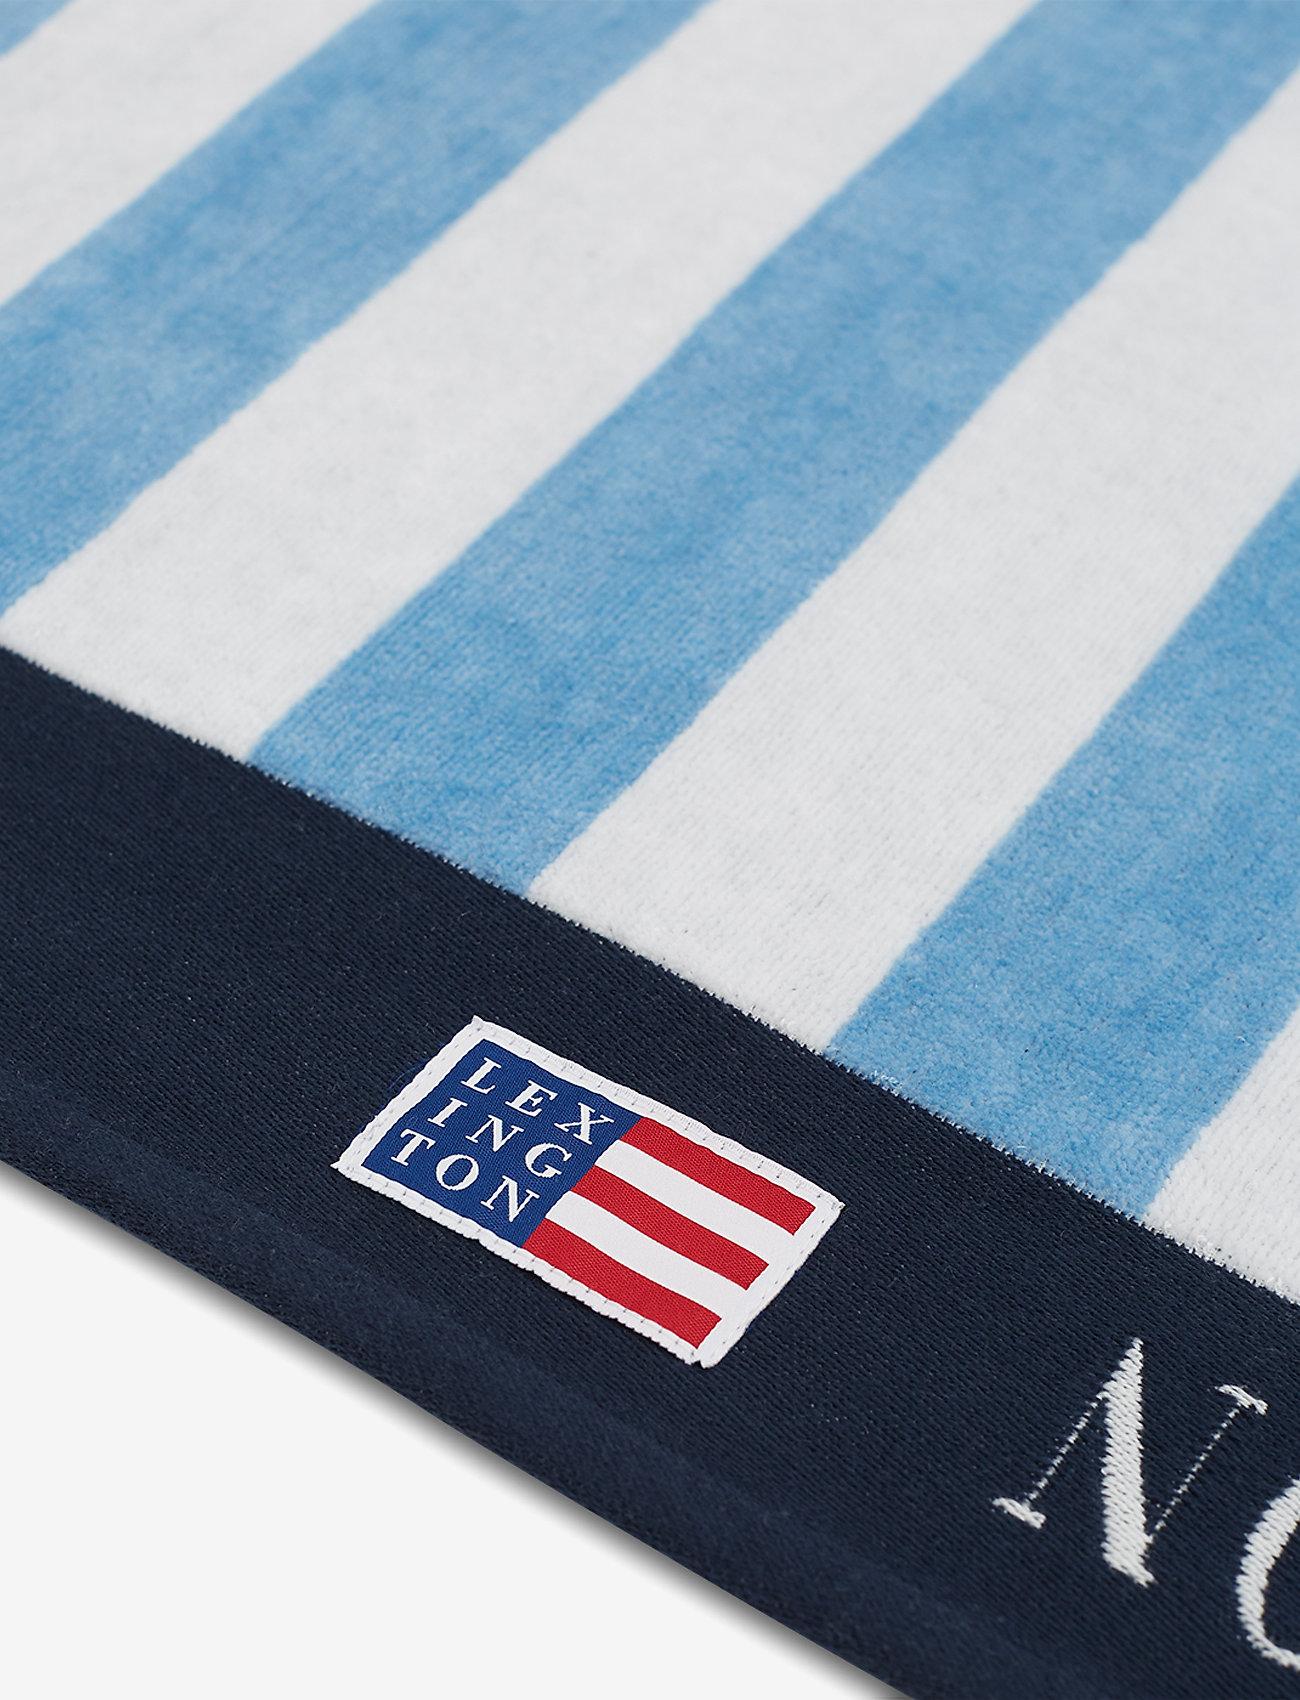 Lexington Home - Graphic Cotton Velour Beach Towel - hand towels & bath towels - blue/white - 1